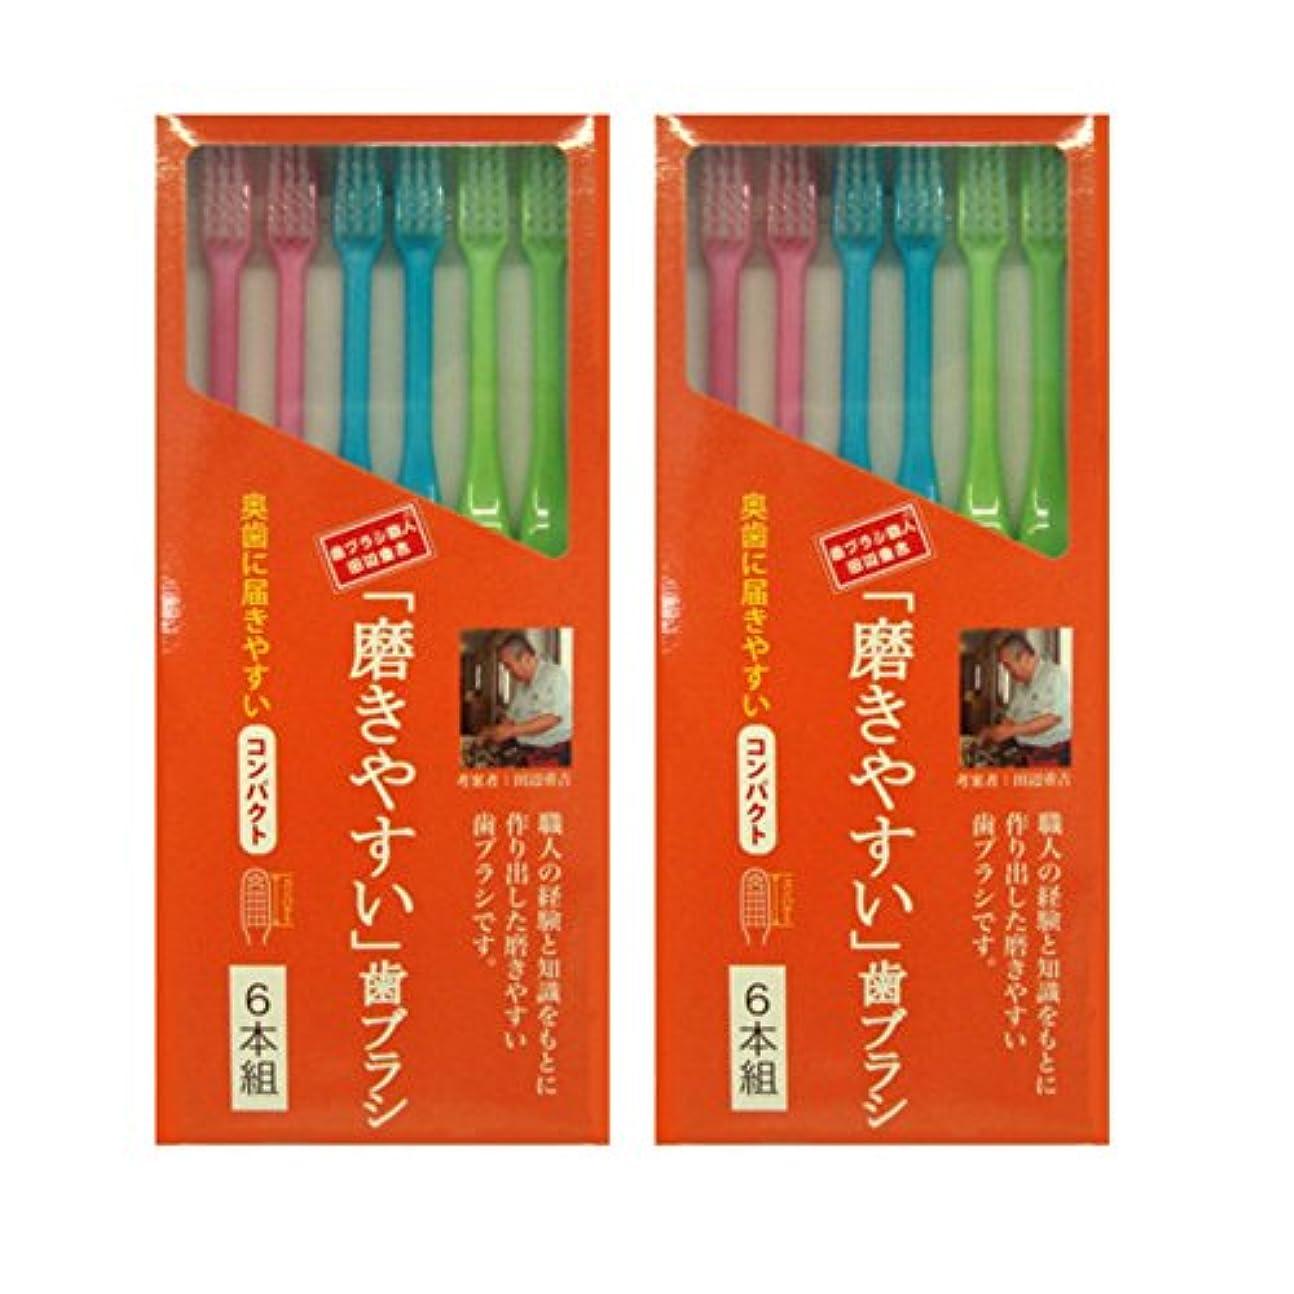 生き残りメイン横磨きやすい歯ブラシ コンパクトタイプ 6本組×2個セット (計12本)